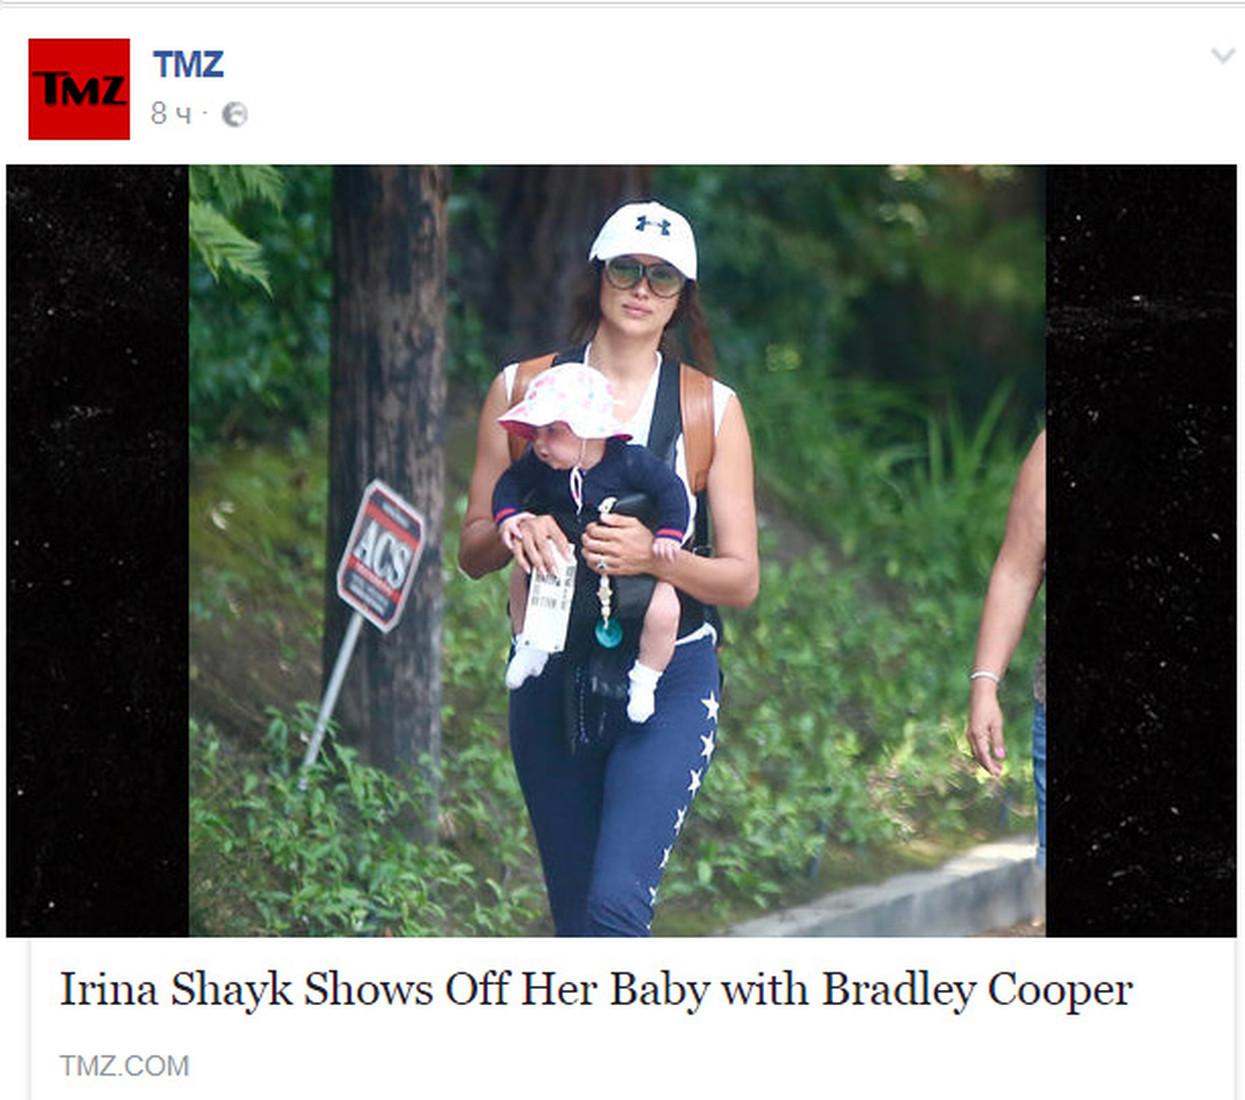 Появилось первое фото дочери Ирины Шейк и Брэдли Купера